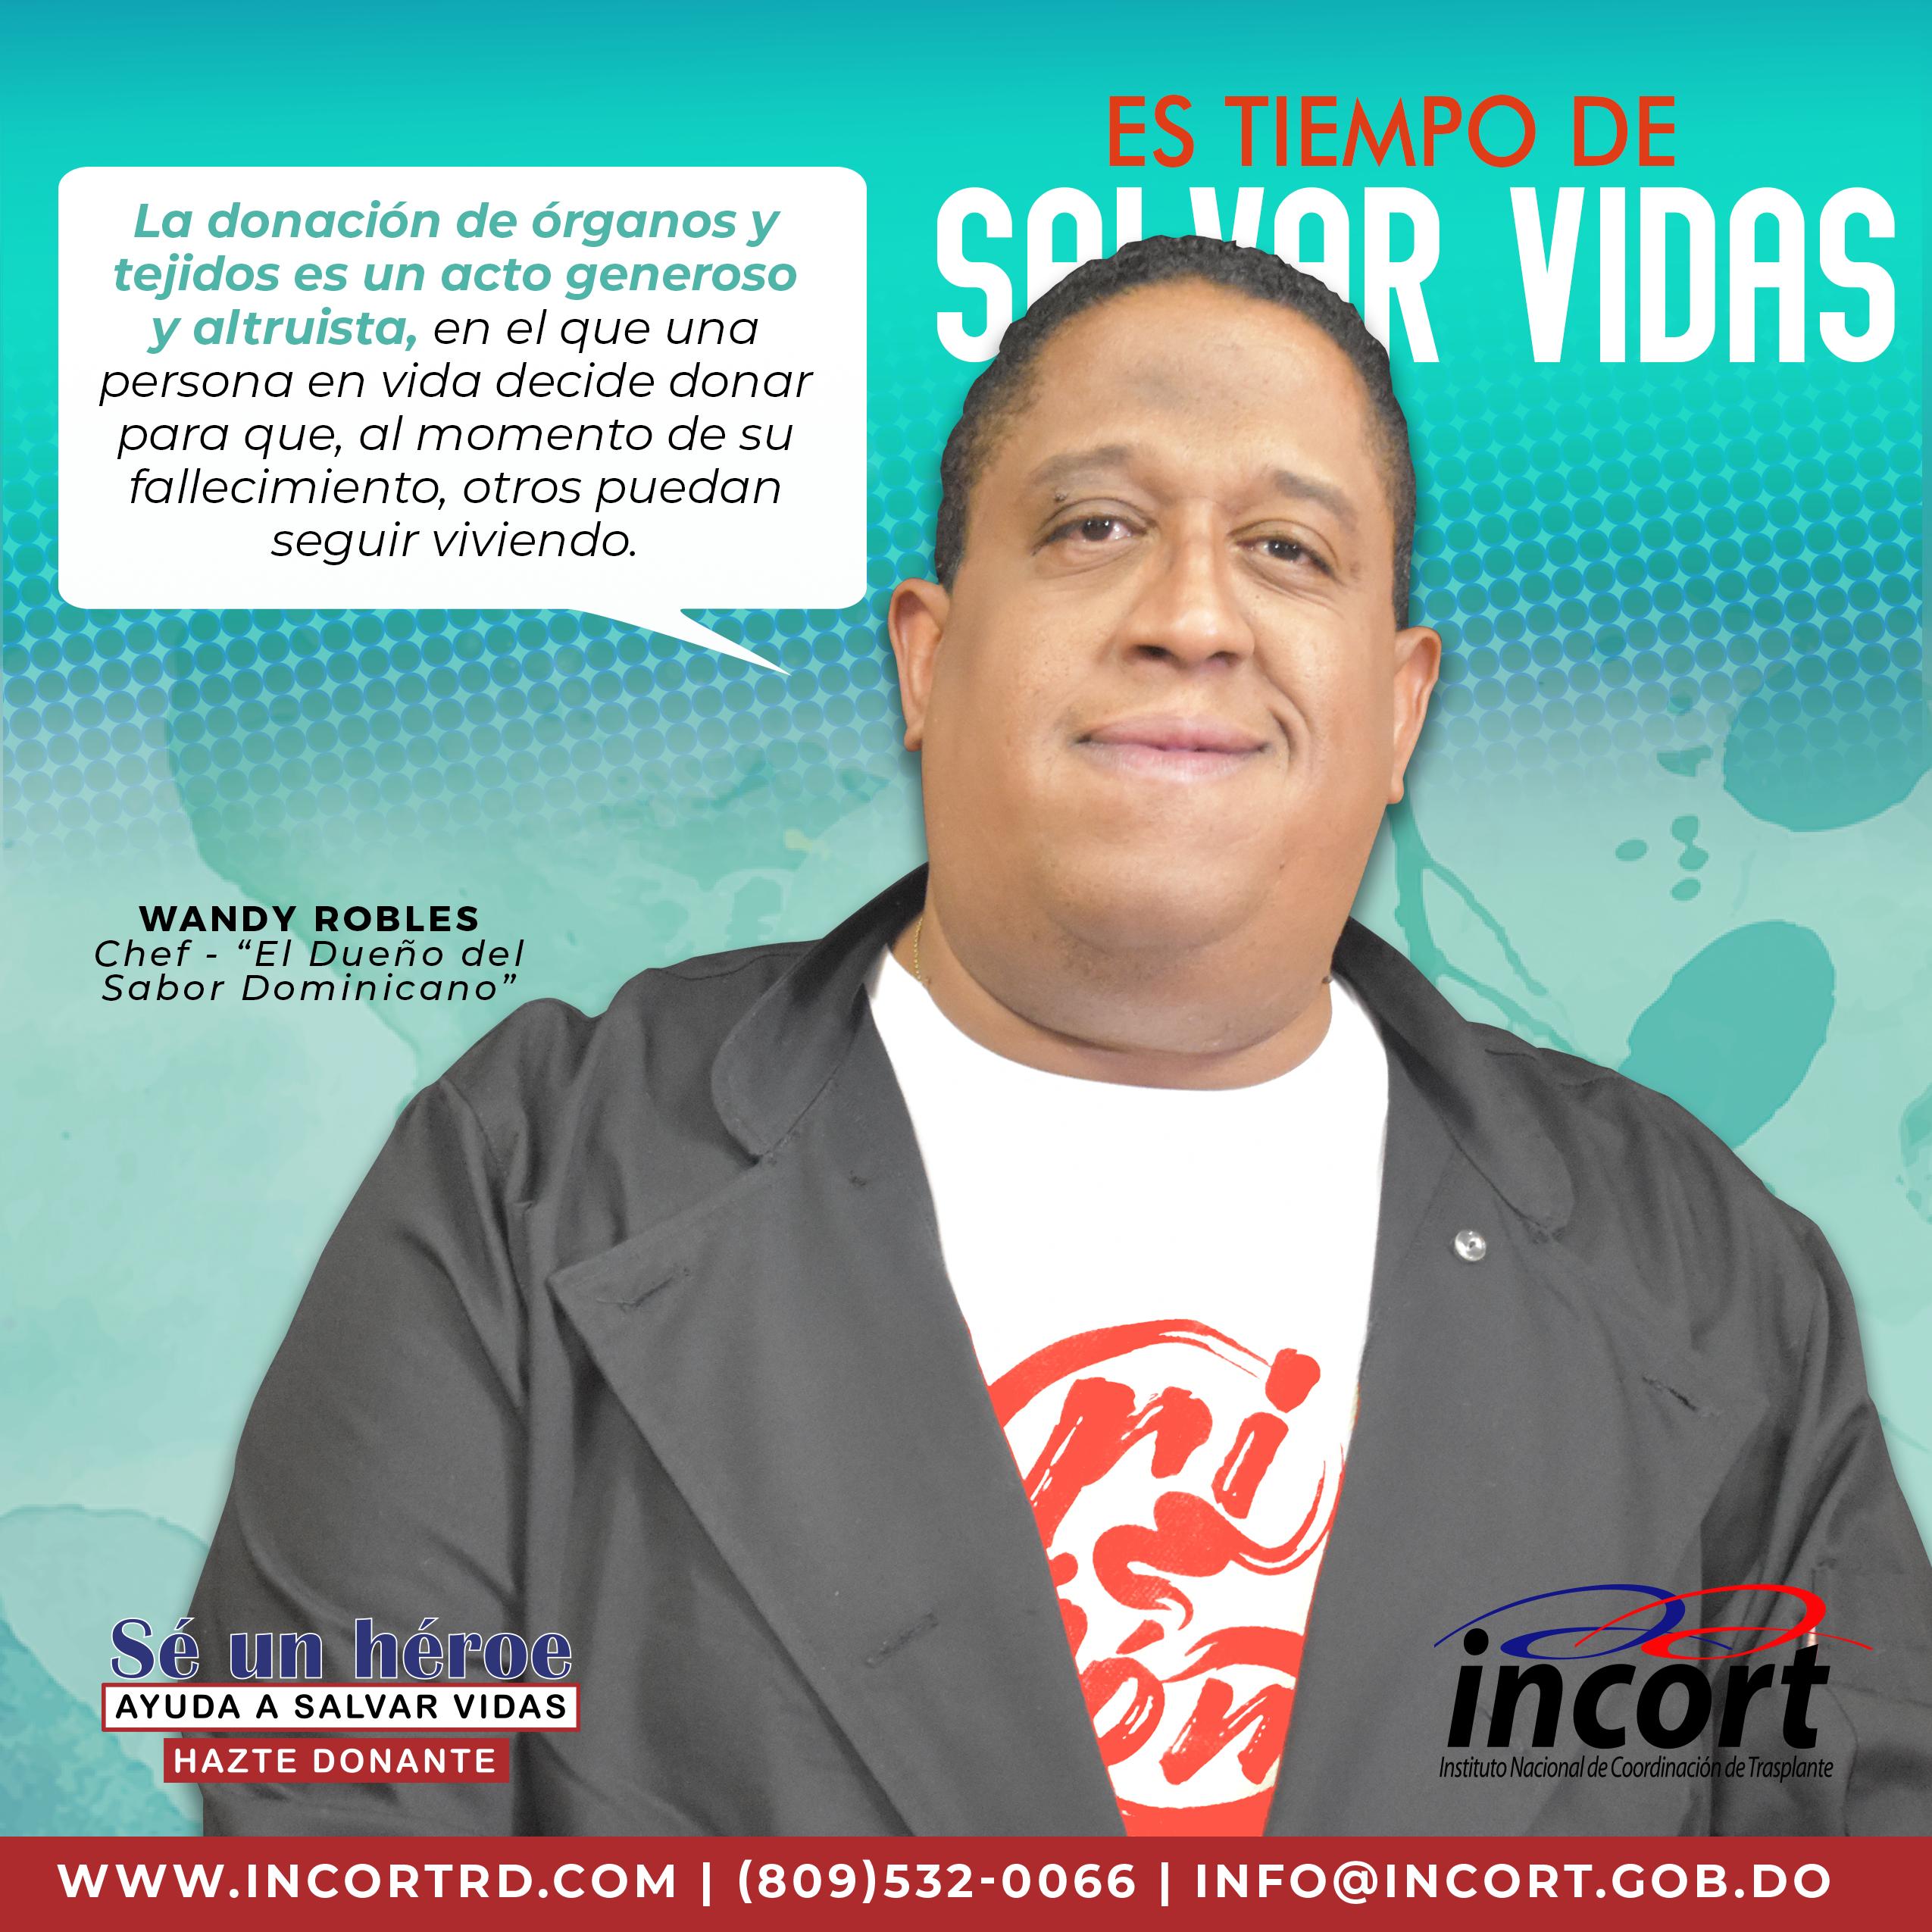 """Wandy Robles como parte de la campaña """"Hazte donante"""""""